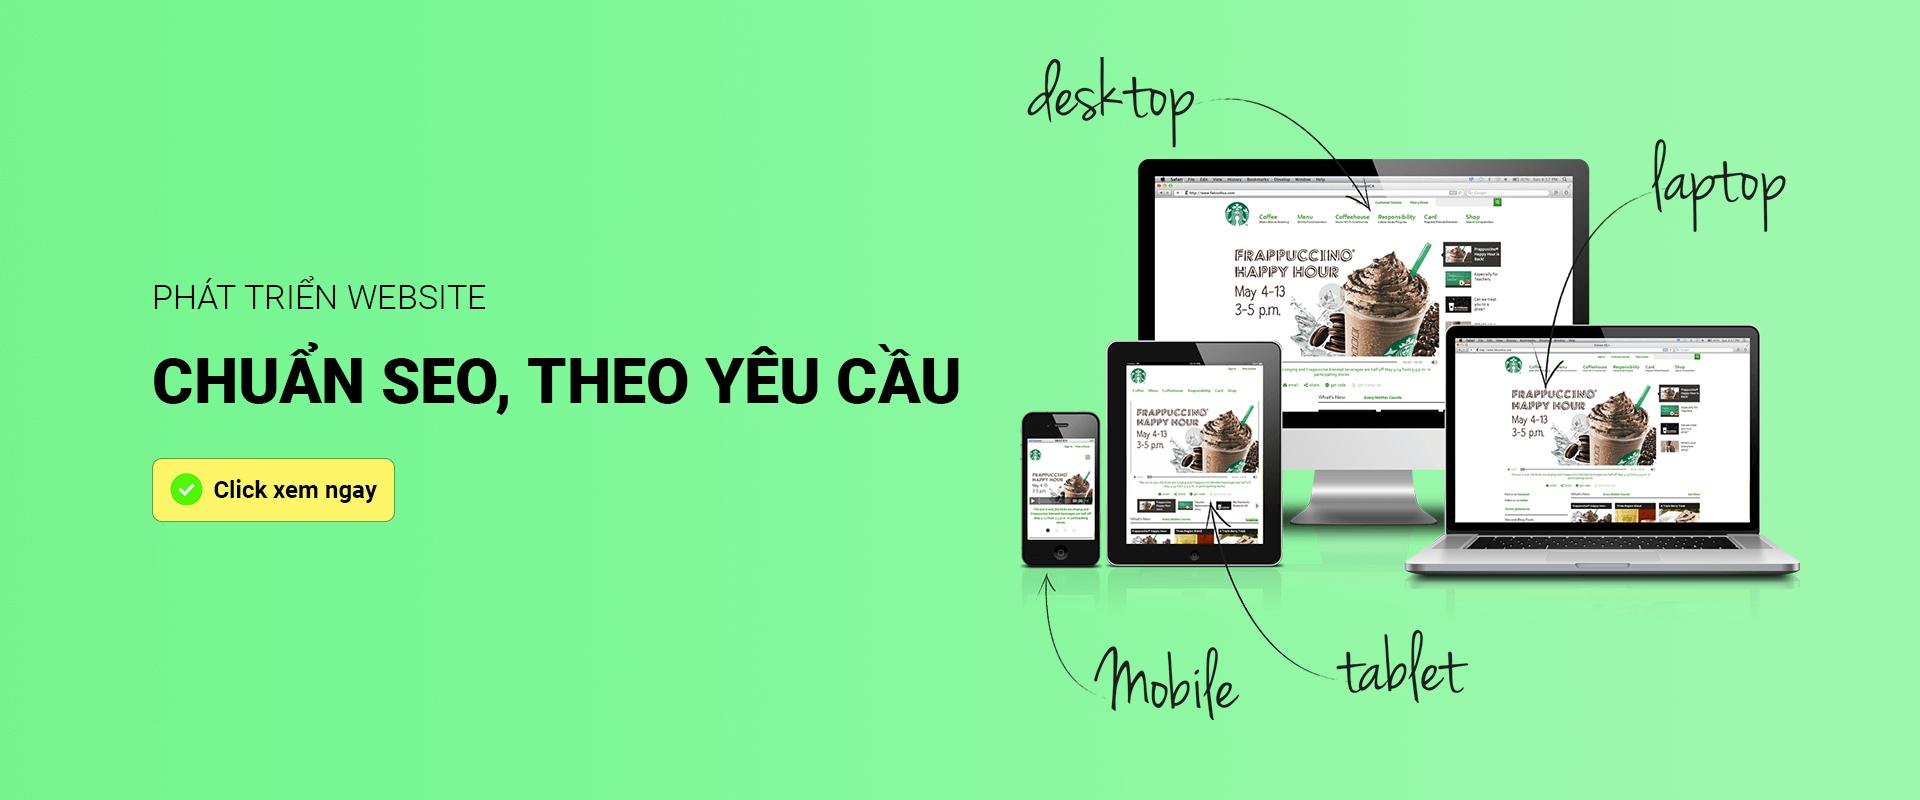 Thiết kế website theo yêu cầu, chuẩn seo